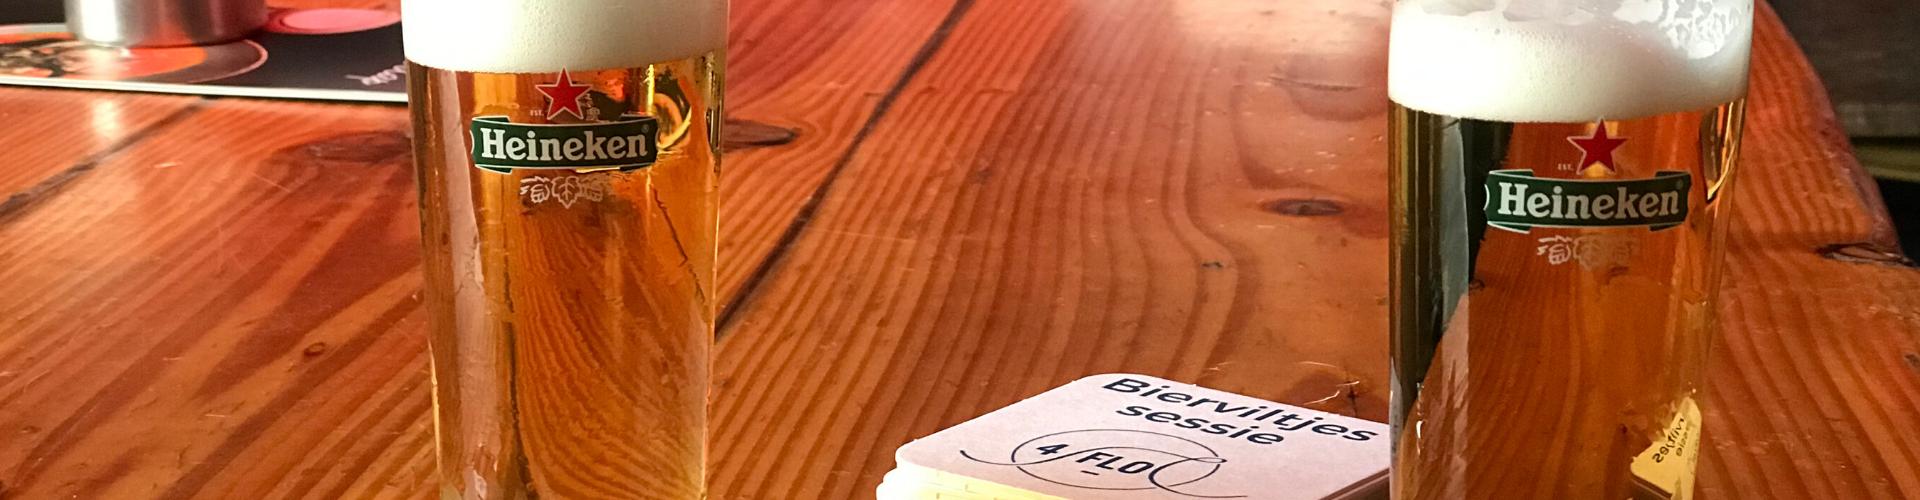 creatie idee proost bierviltje